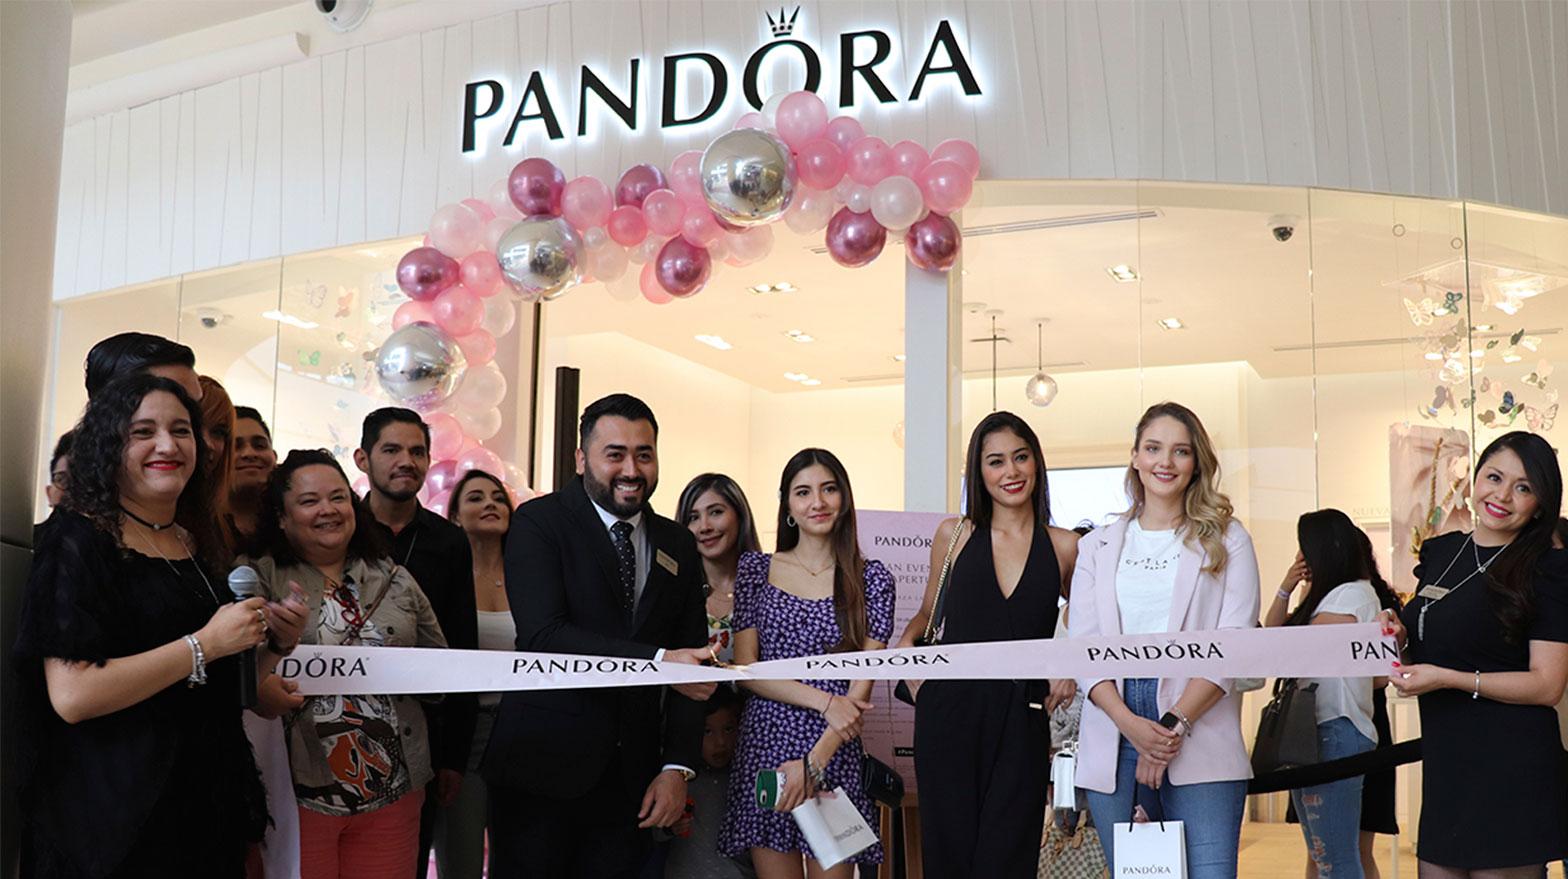 ¡Bienvenido Pandora a nuestra familia!